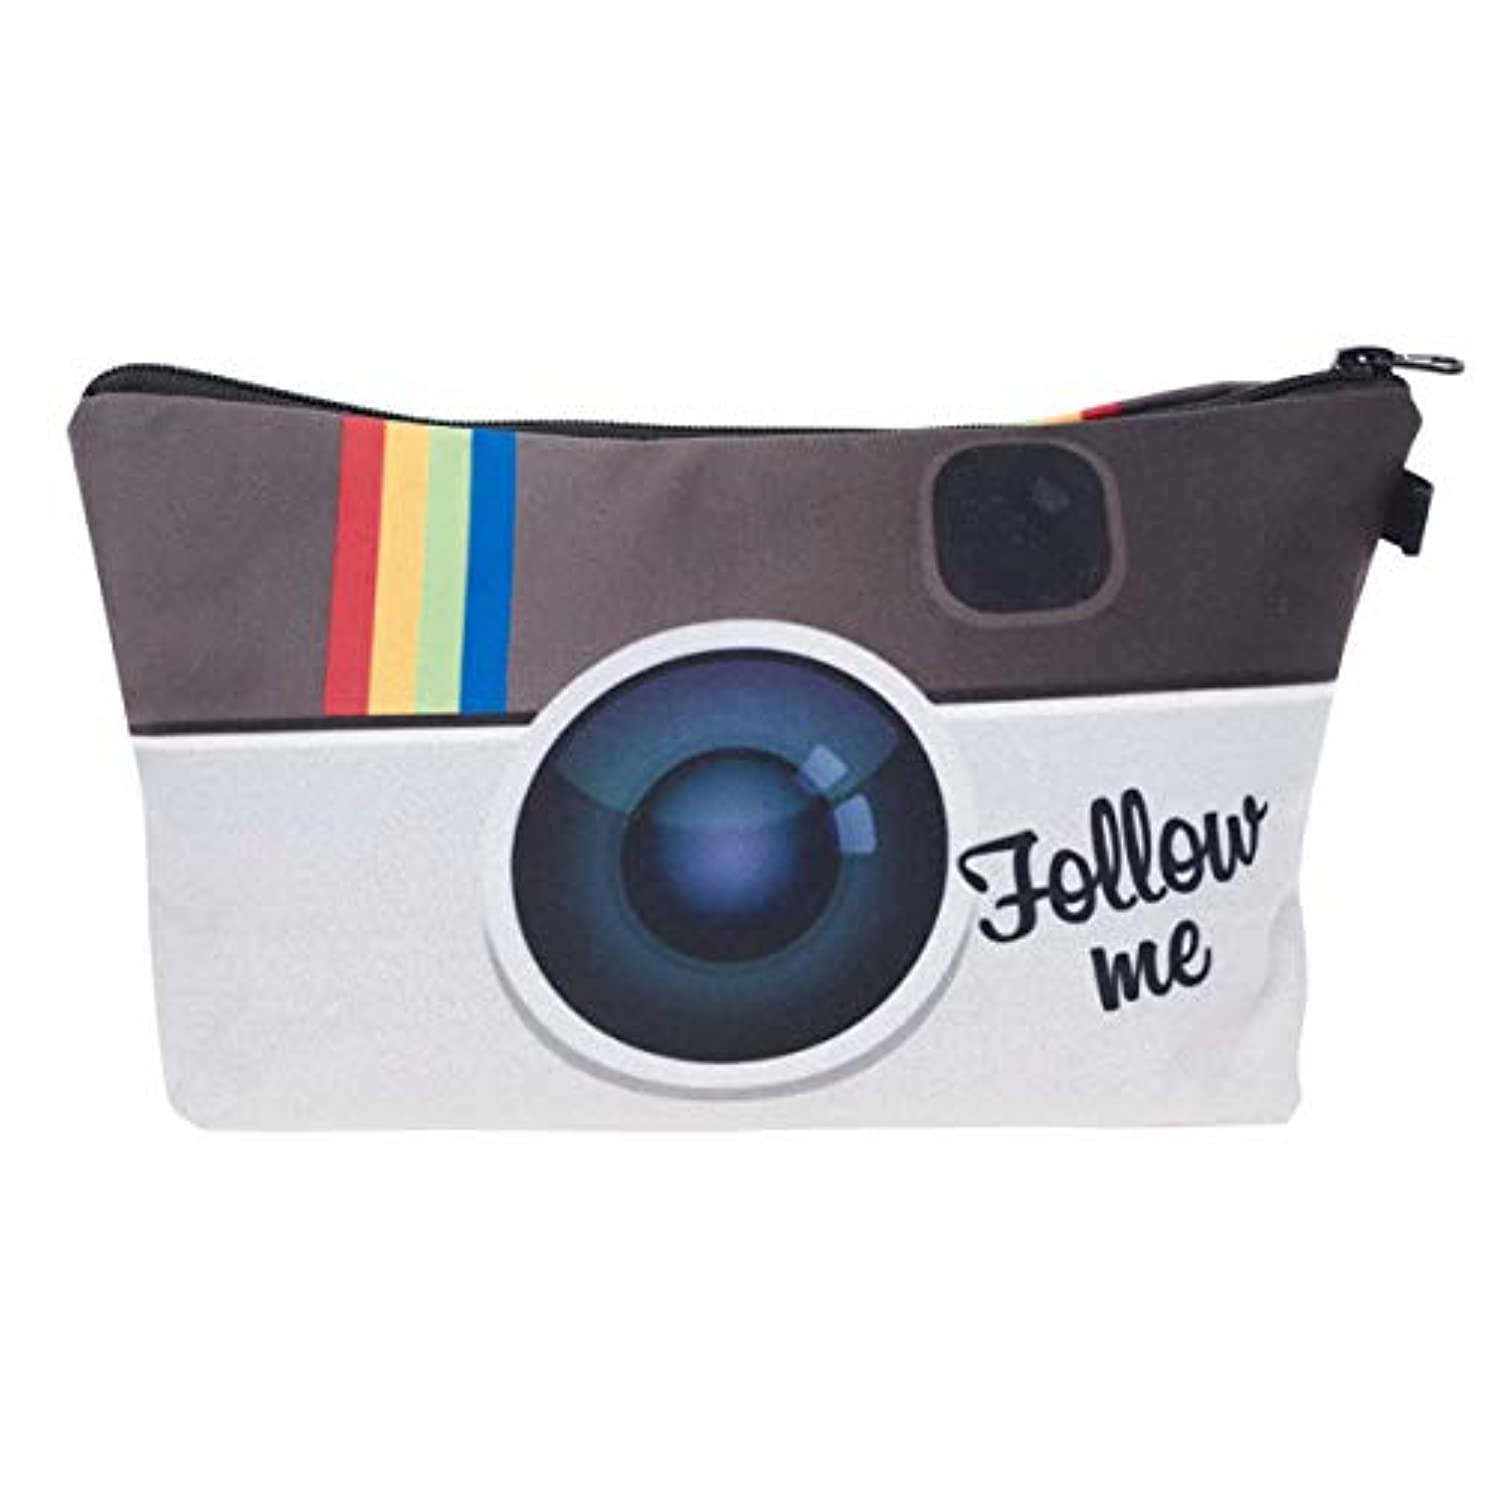 大砲未知の私たちのものwijaso 丈夫な3 D印刷カメラは、旅行化粧バッグのために化粧品バッグ多機能を投げます(None 01)